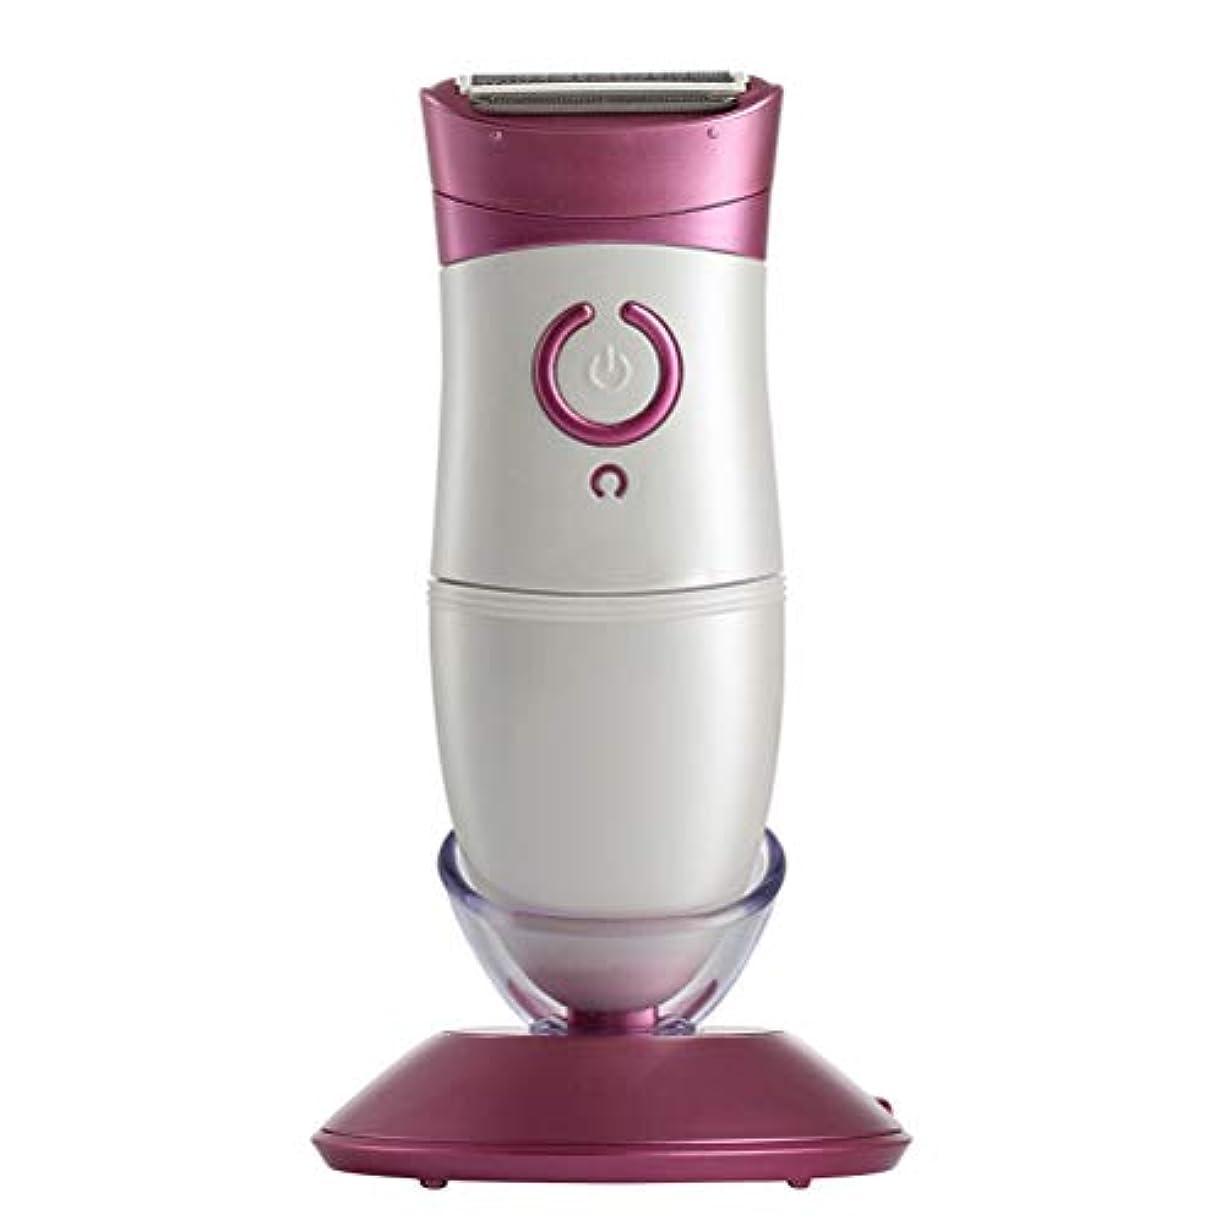 単独でメアリアンジョーンズ水っぽいHARDY-YI - 脱毛器 シェーバーウェット&ドライかみそりナイフボディウォッシュ多機能美容ヘアリムーバー簡単に剃毛充電式防水レディピンク - 8801 (Color : Pink)